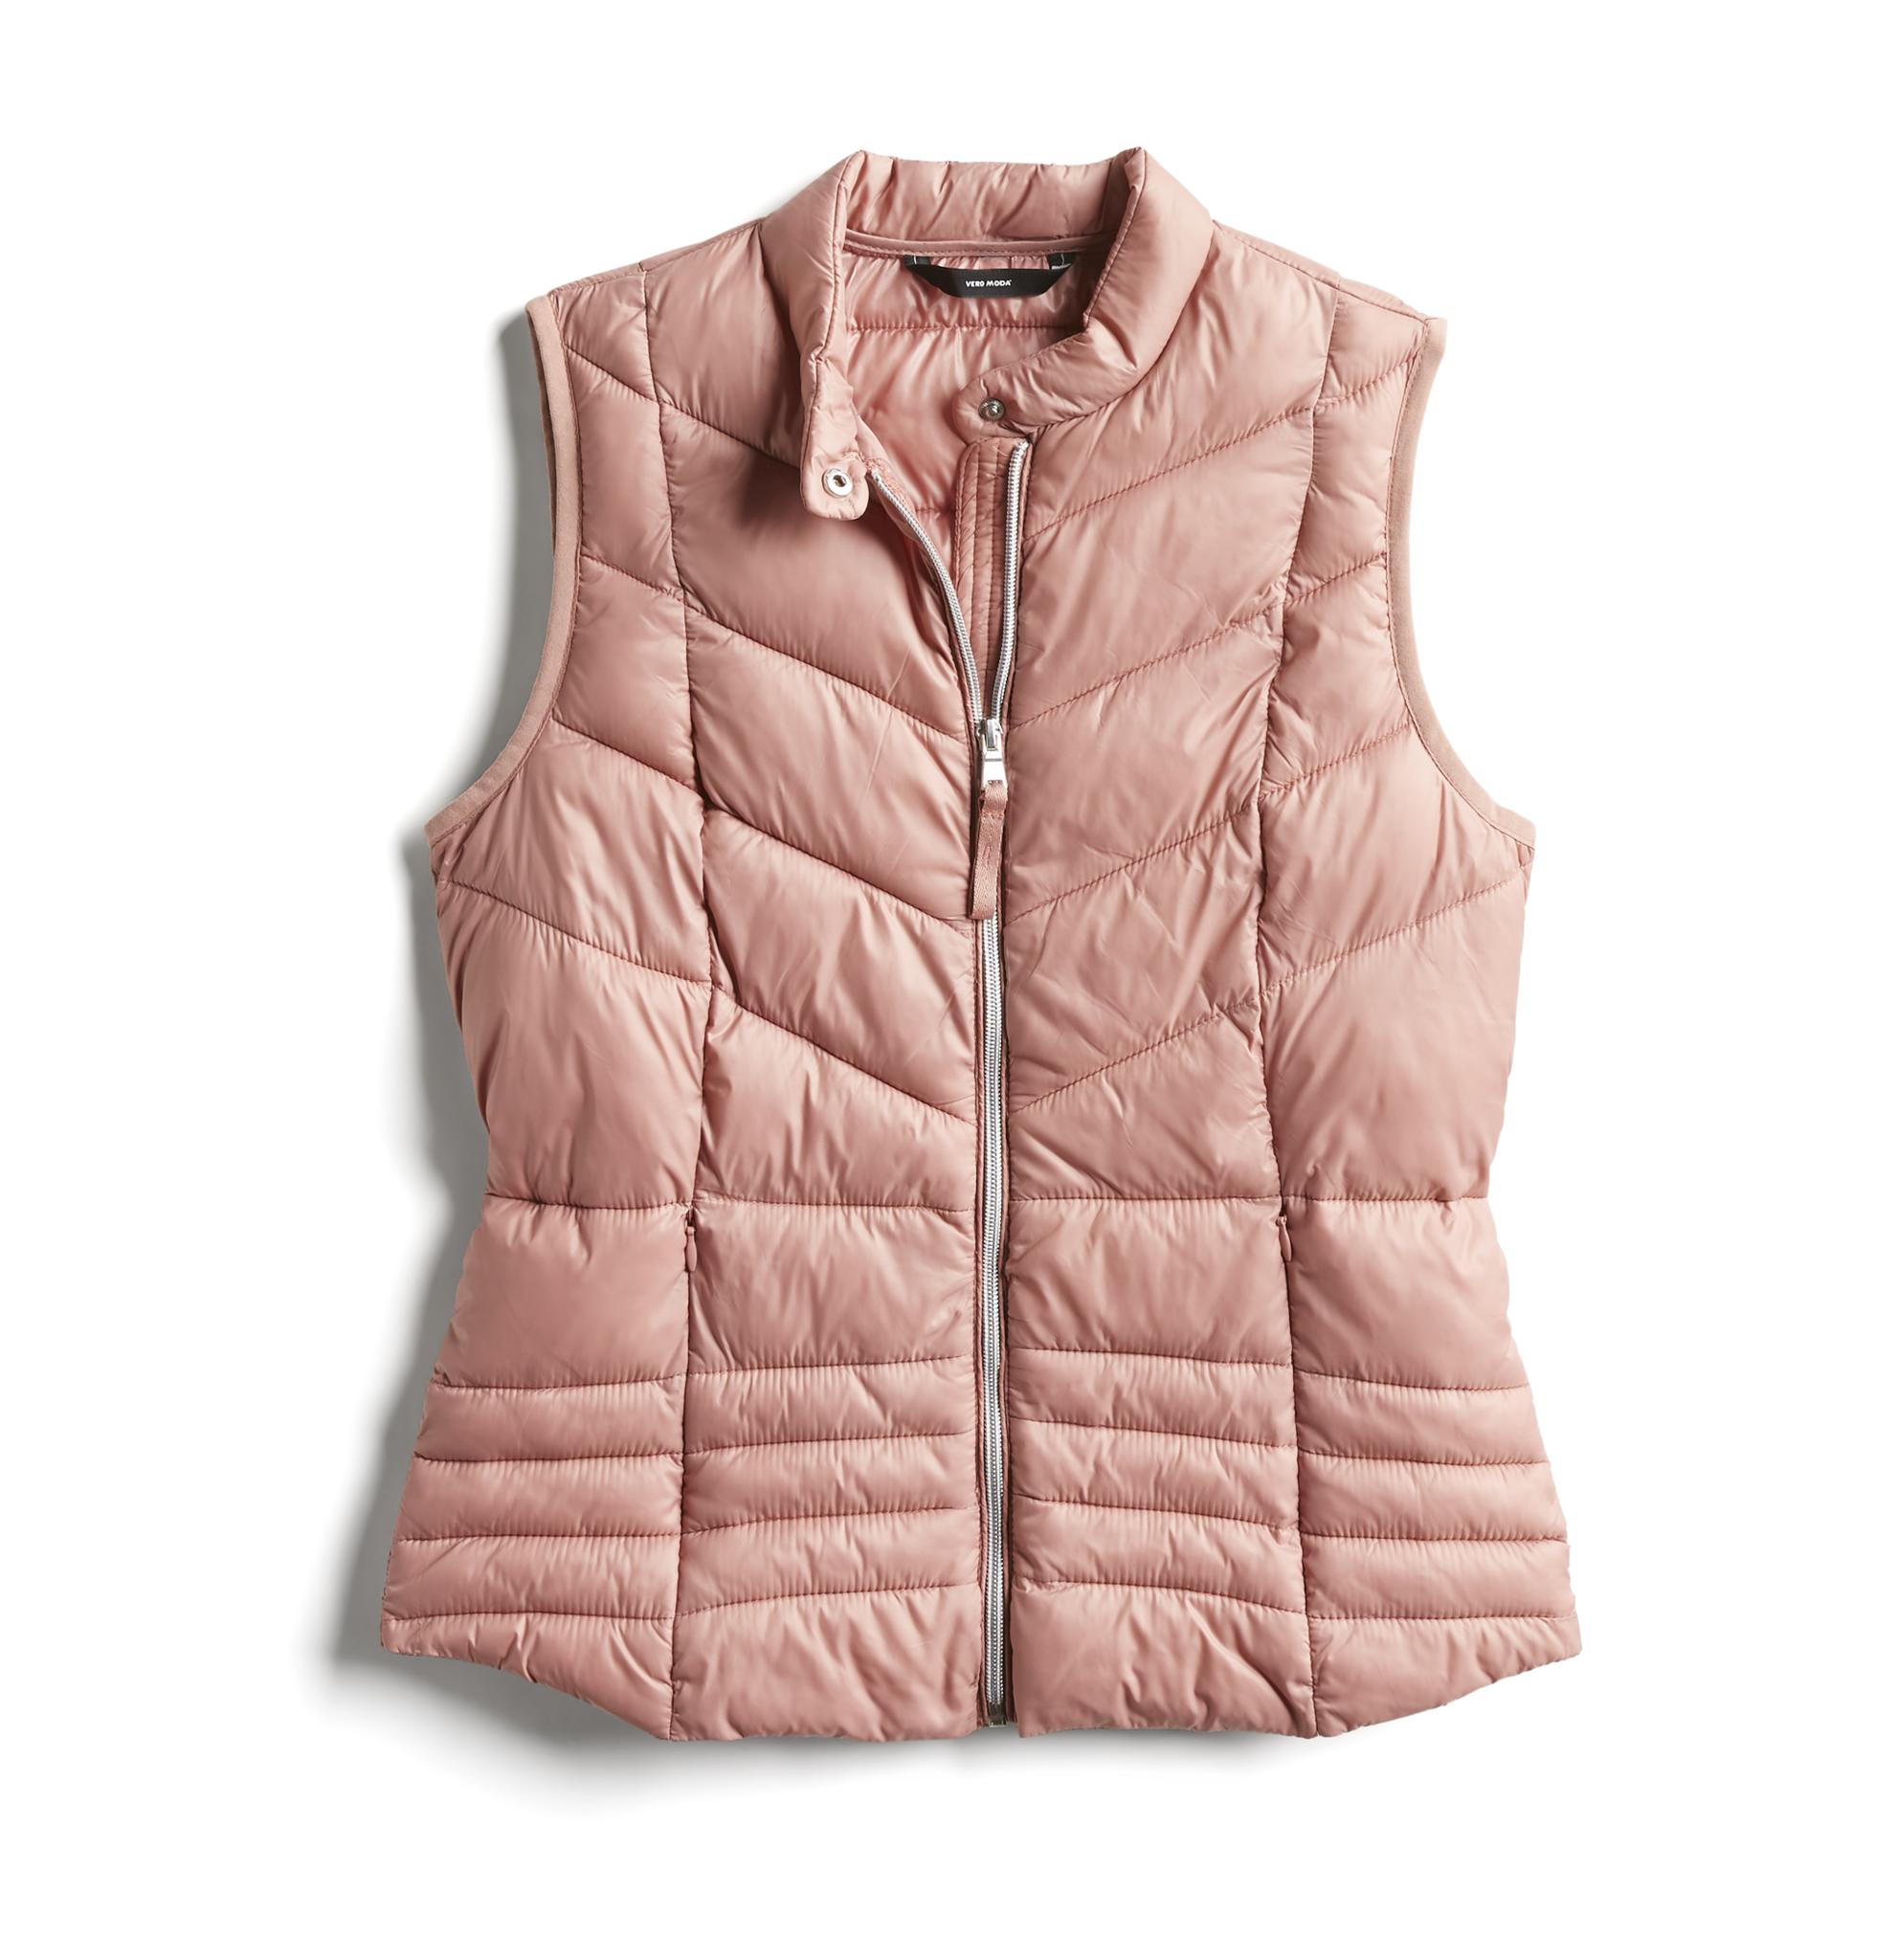 d8249d5efc8 Stitch Fix Winter Stylist Picks: pink puffer vest | Stitch Fix ...